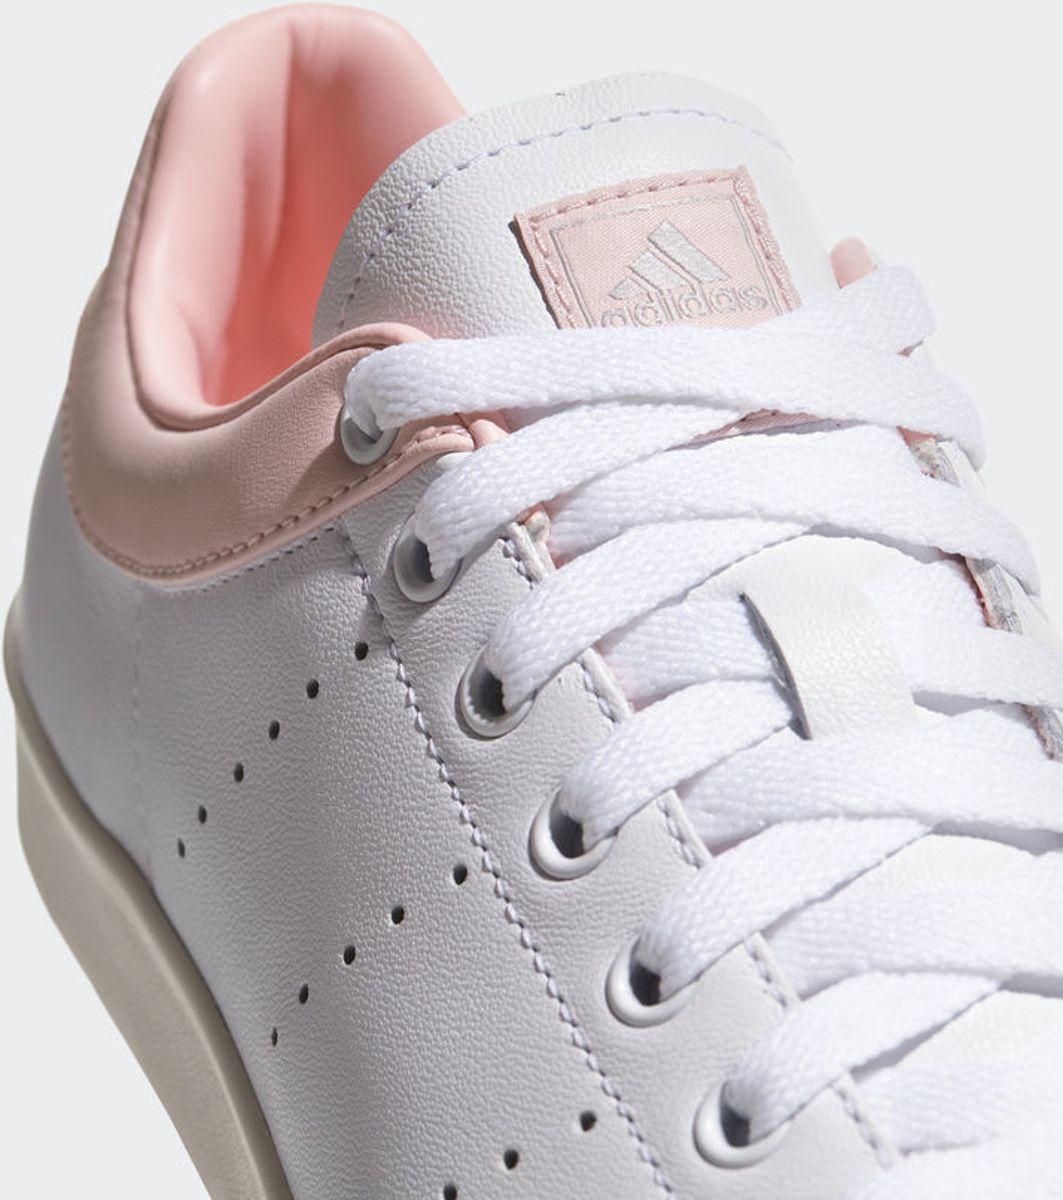 online store 6b682 1b5a6 bol.com  adidas - adicross classic - sneaker - golfschoen - wit - roze -  dames